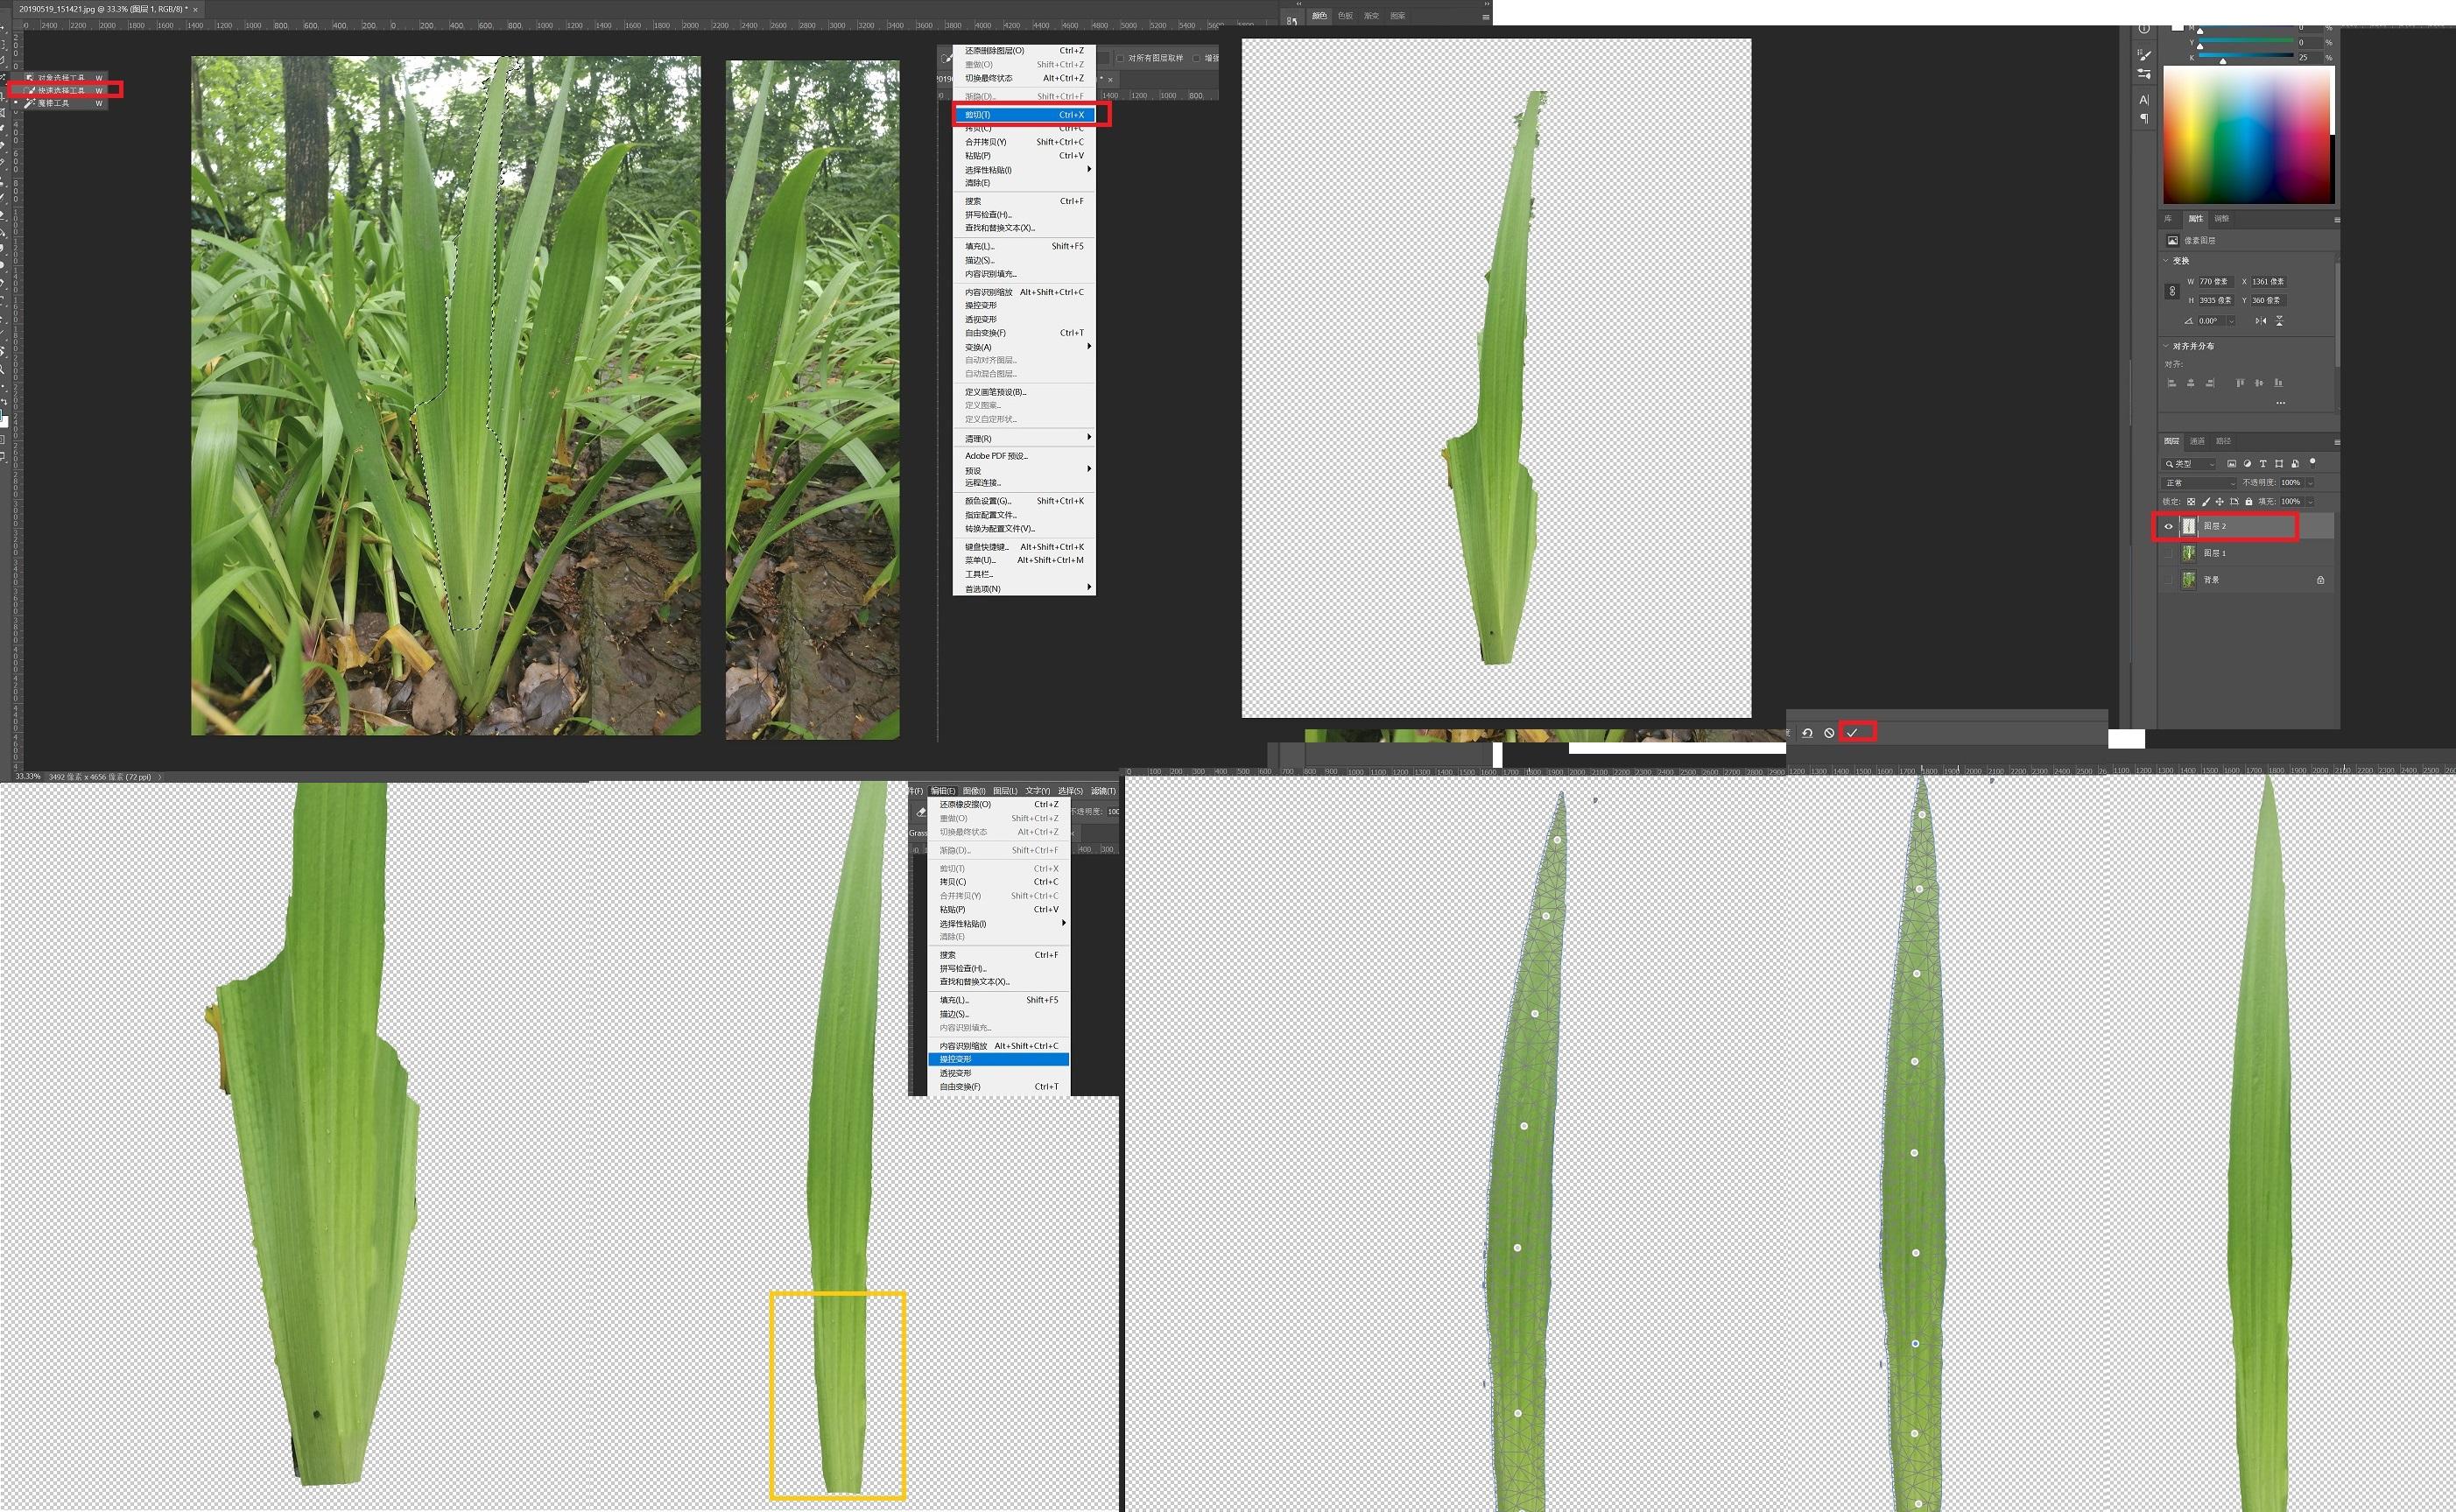 Grass_proccess